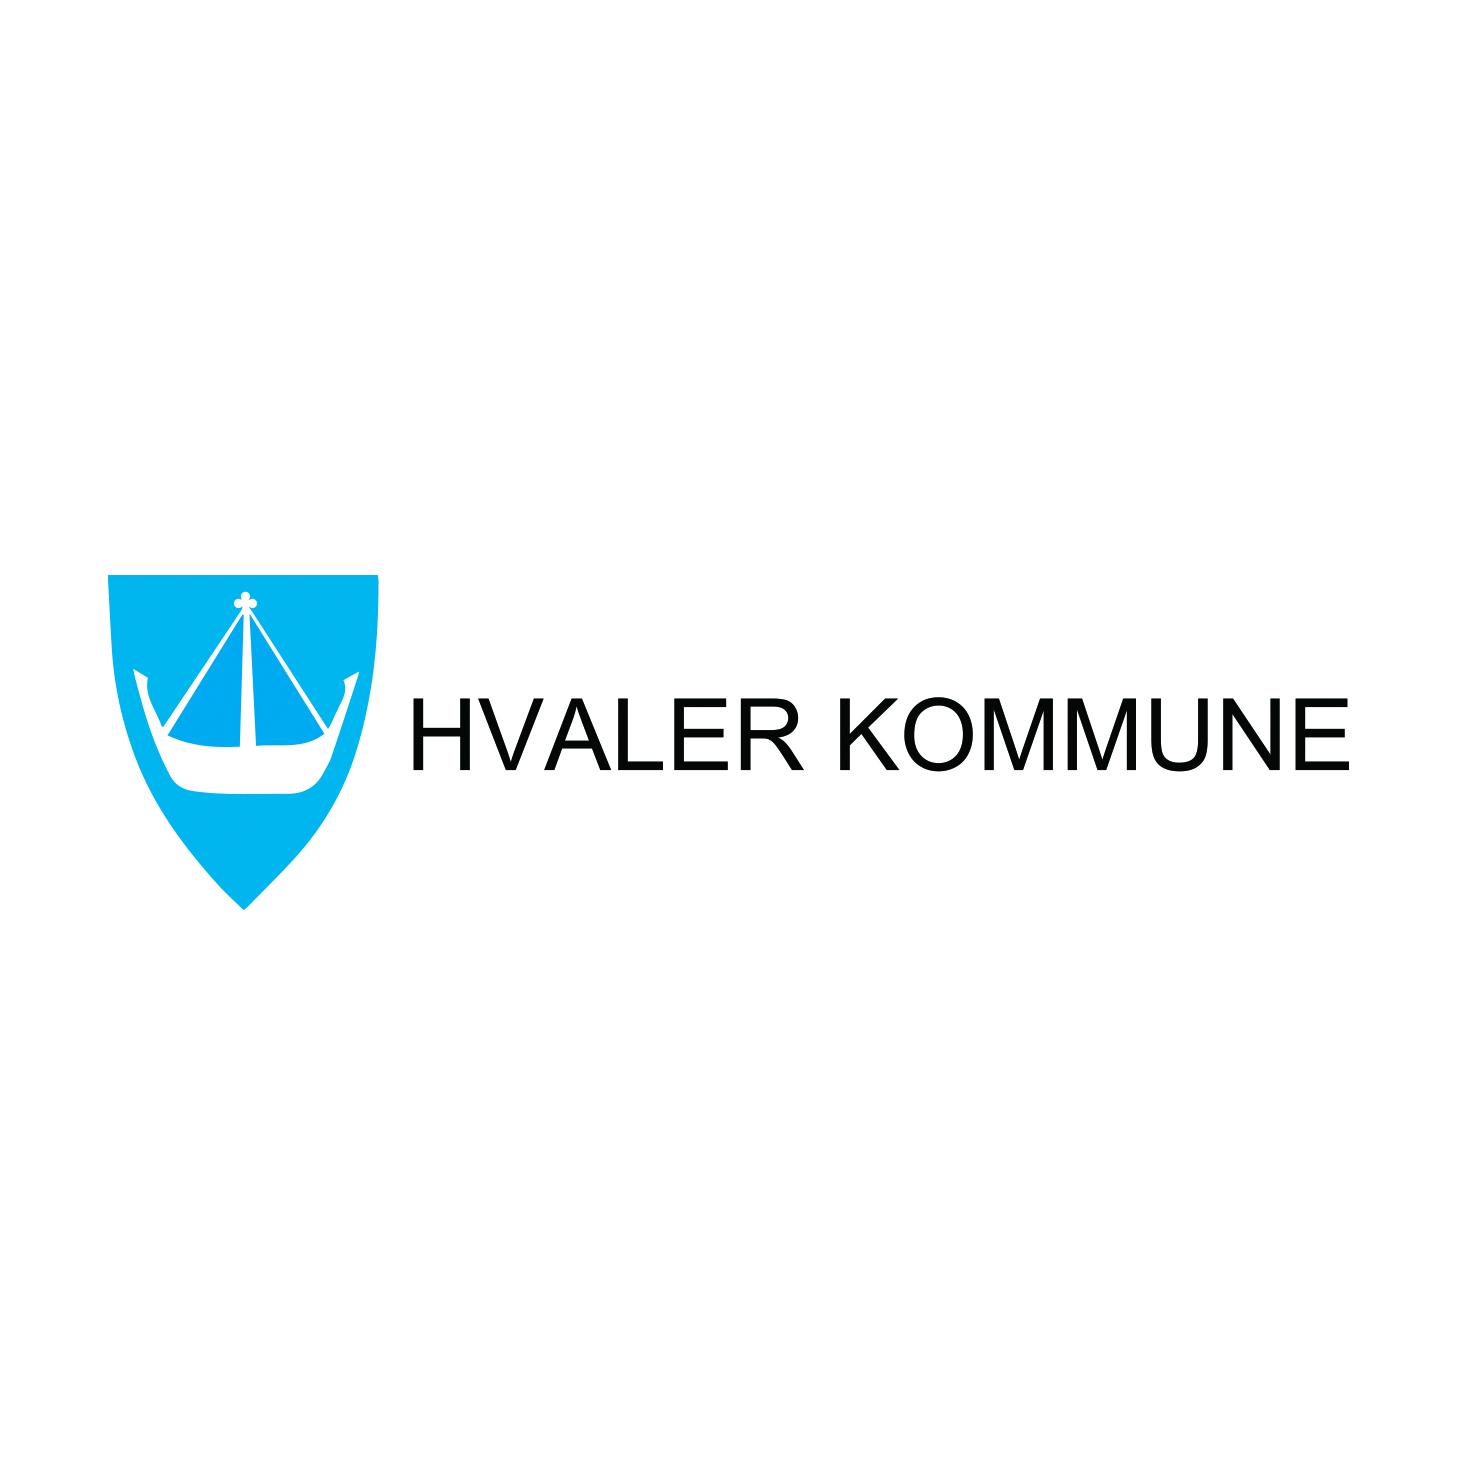 Hvaler Kommune-kopi.jpg